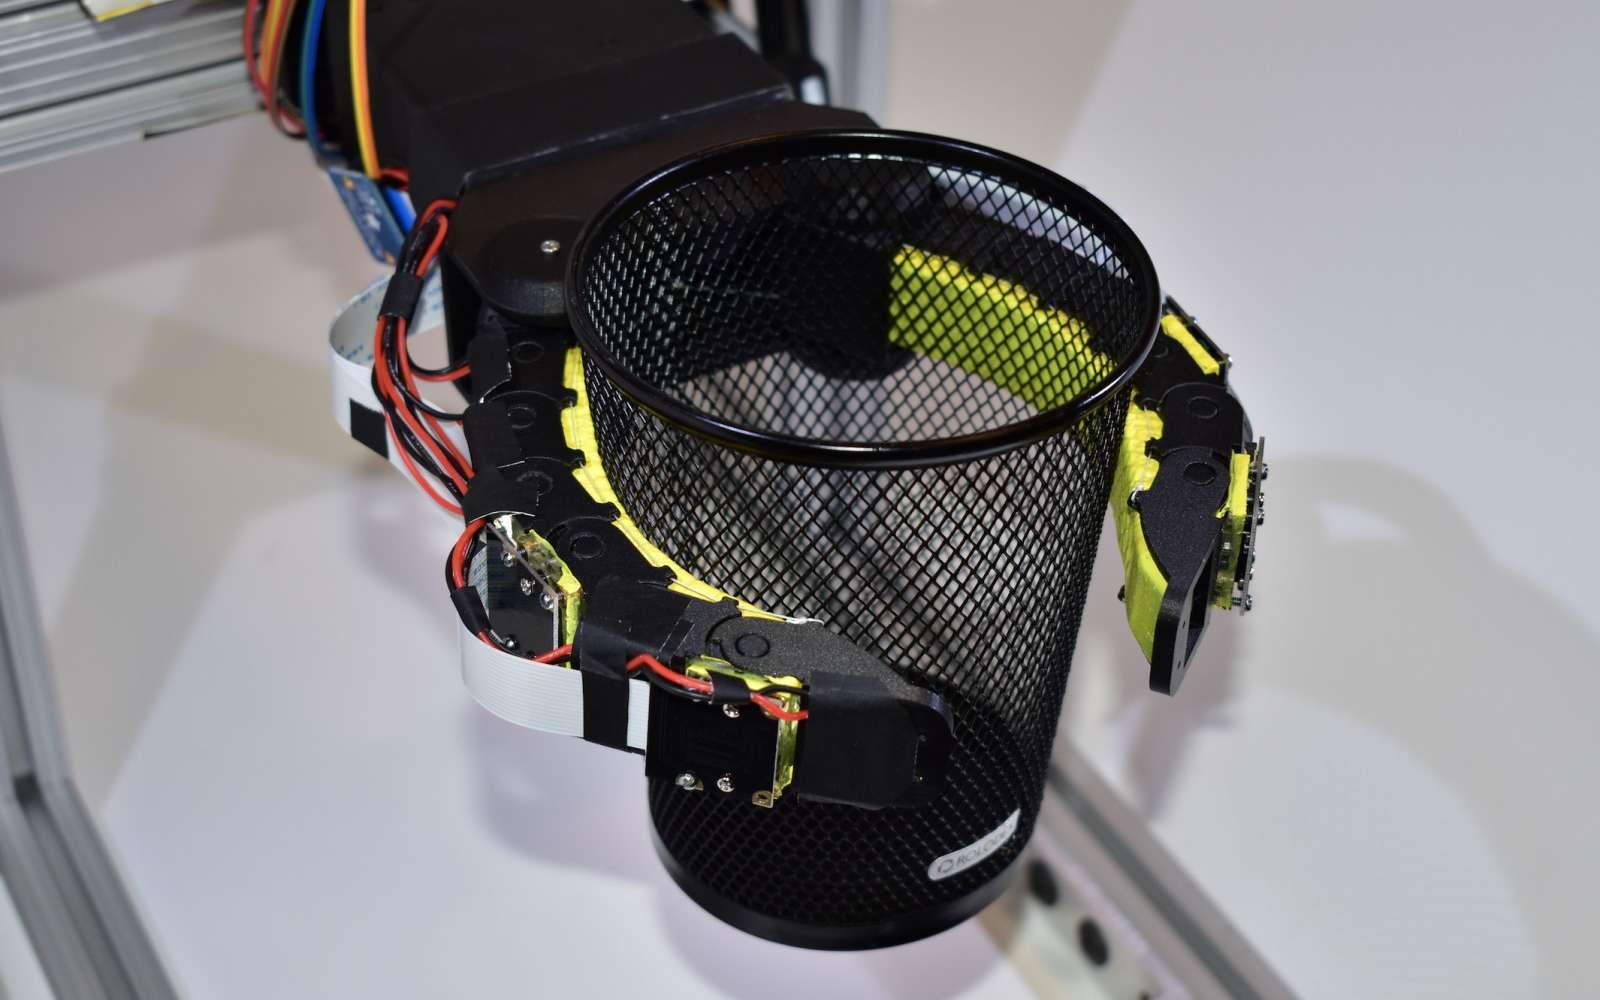 Le robot mou GelFlex utilise des caméras et l'intelligence artificielle pour identifier les objets et déterminer la pression à appliquer © MIT CSAIL